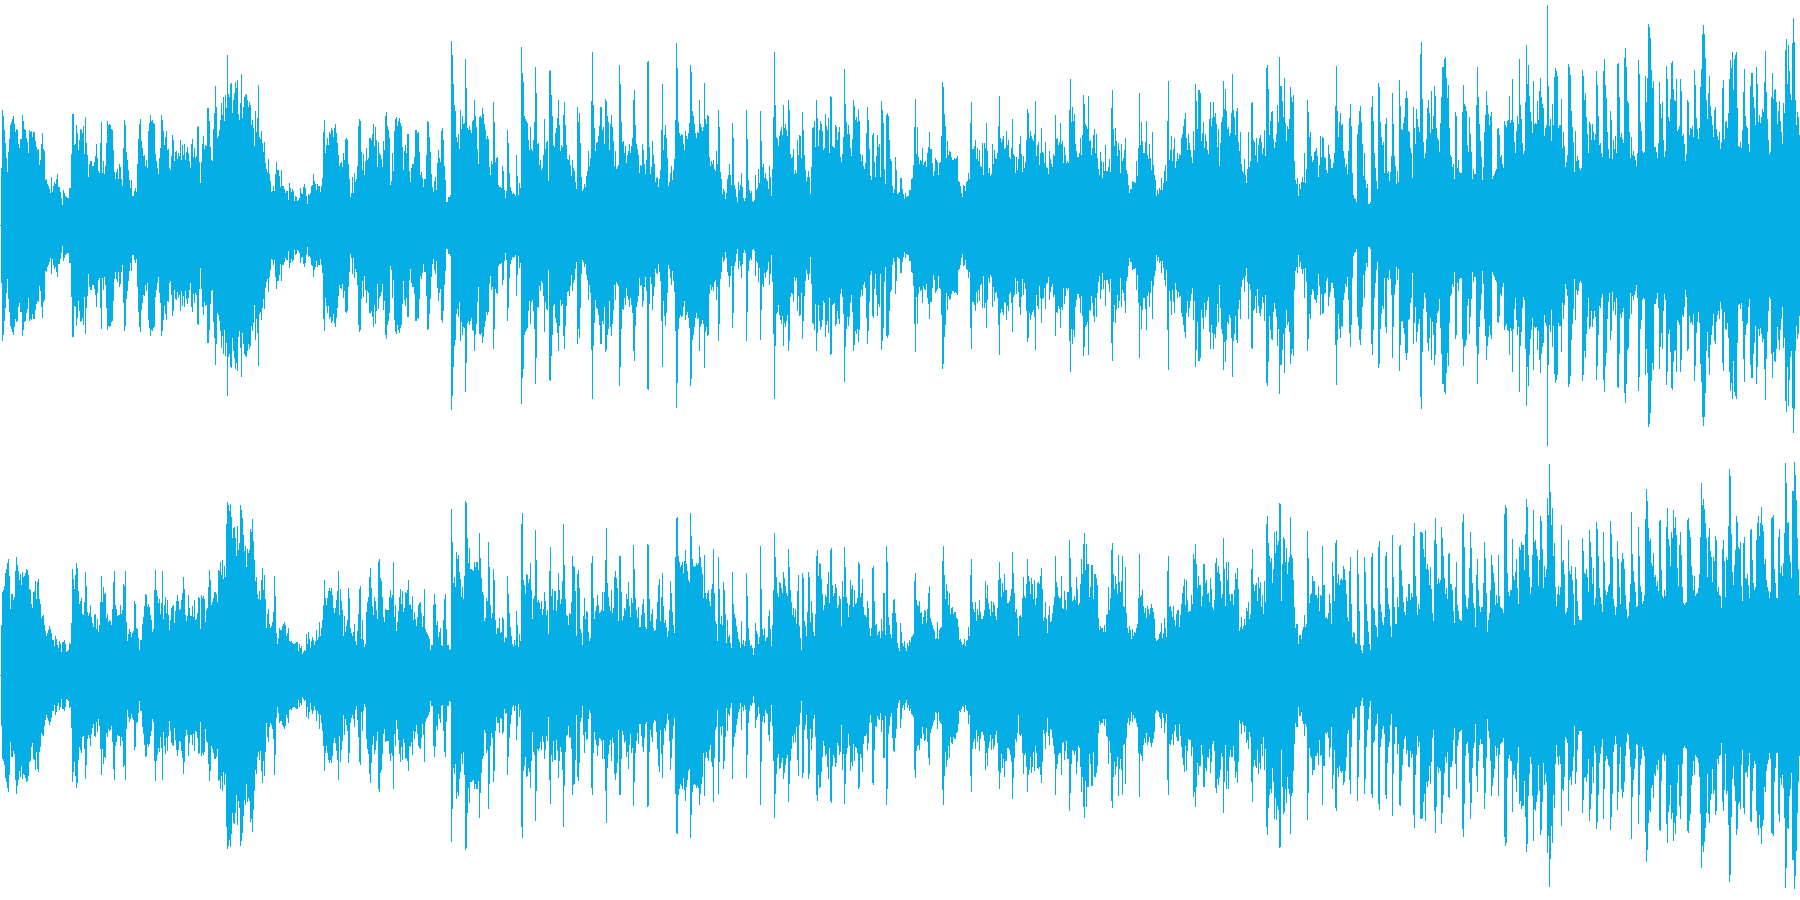 転落するようなサスペンス感のあるテクノの再生済みの波形